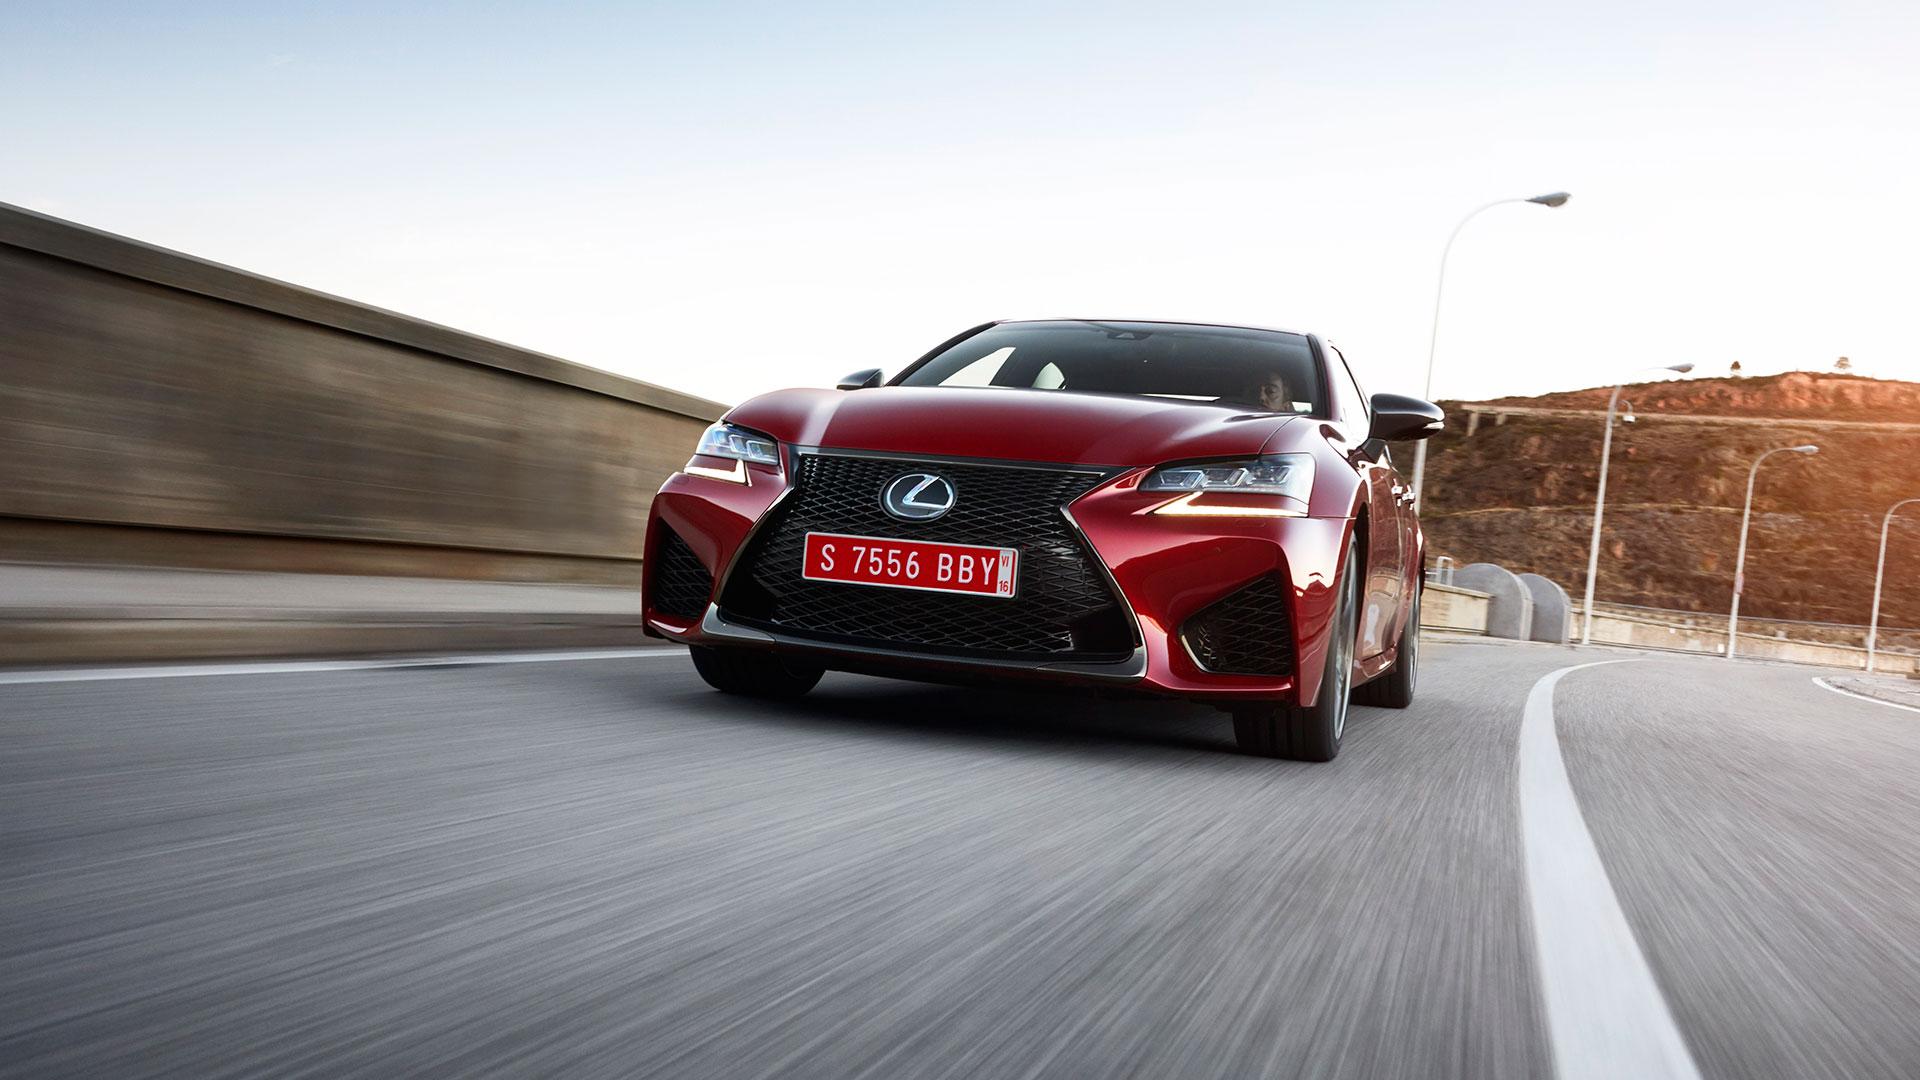 El Lexus GS F SPORT hero asset